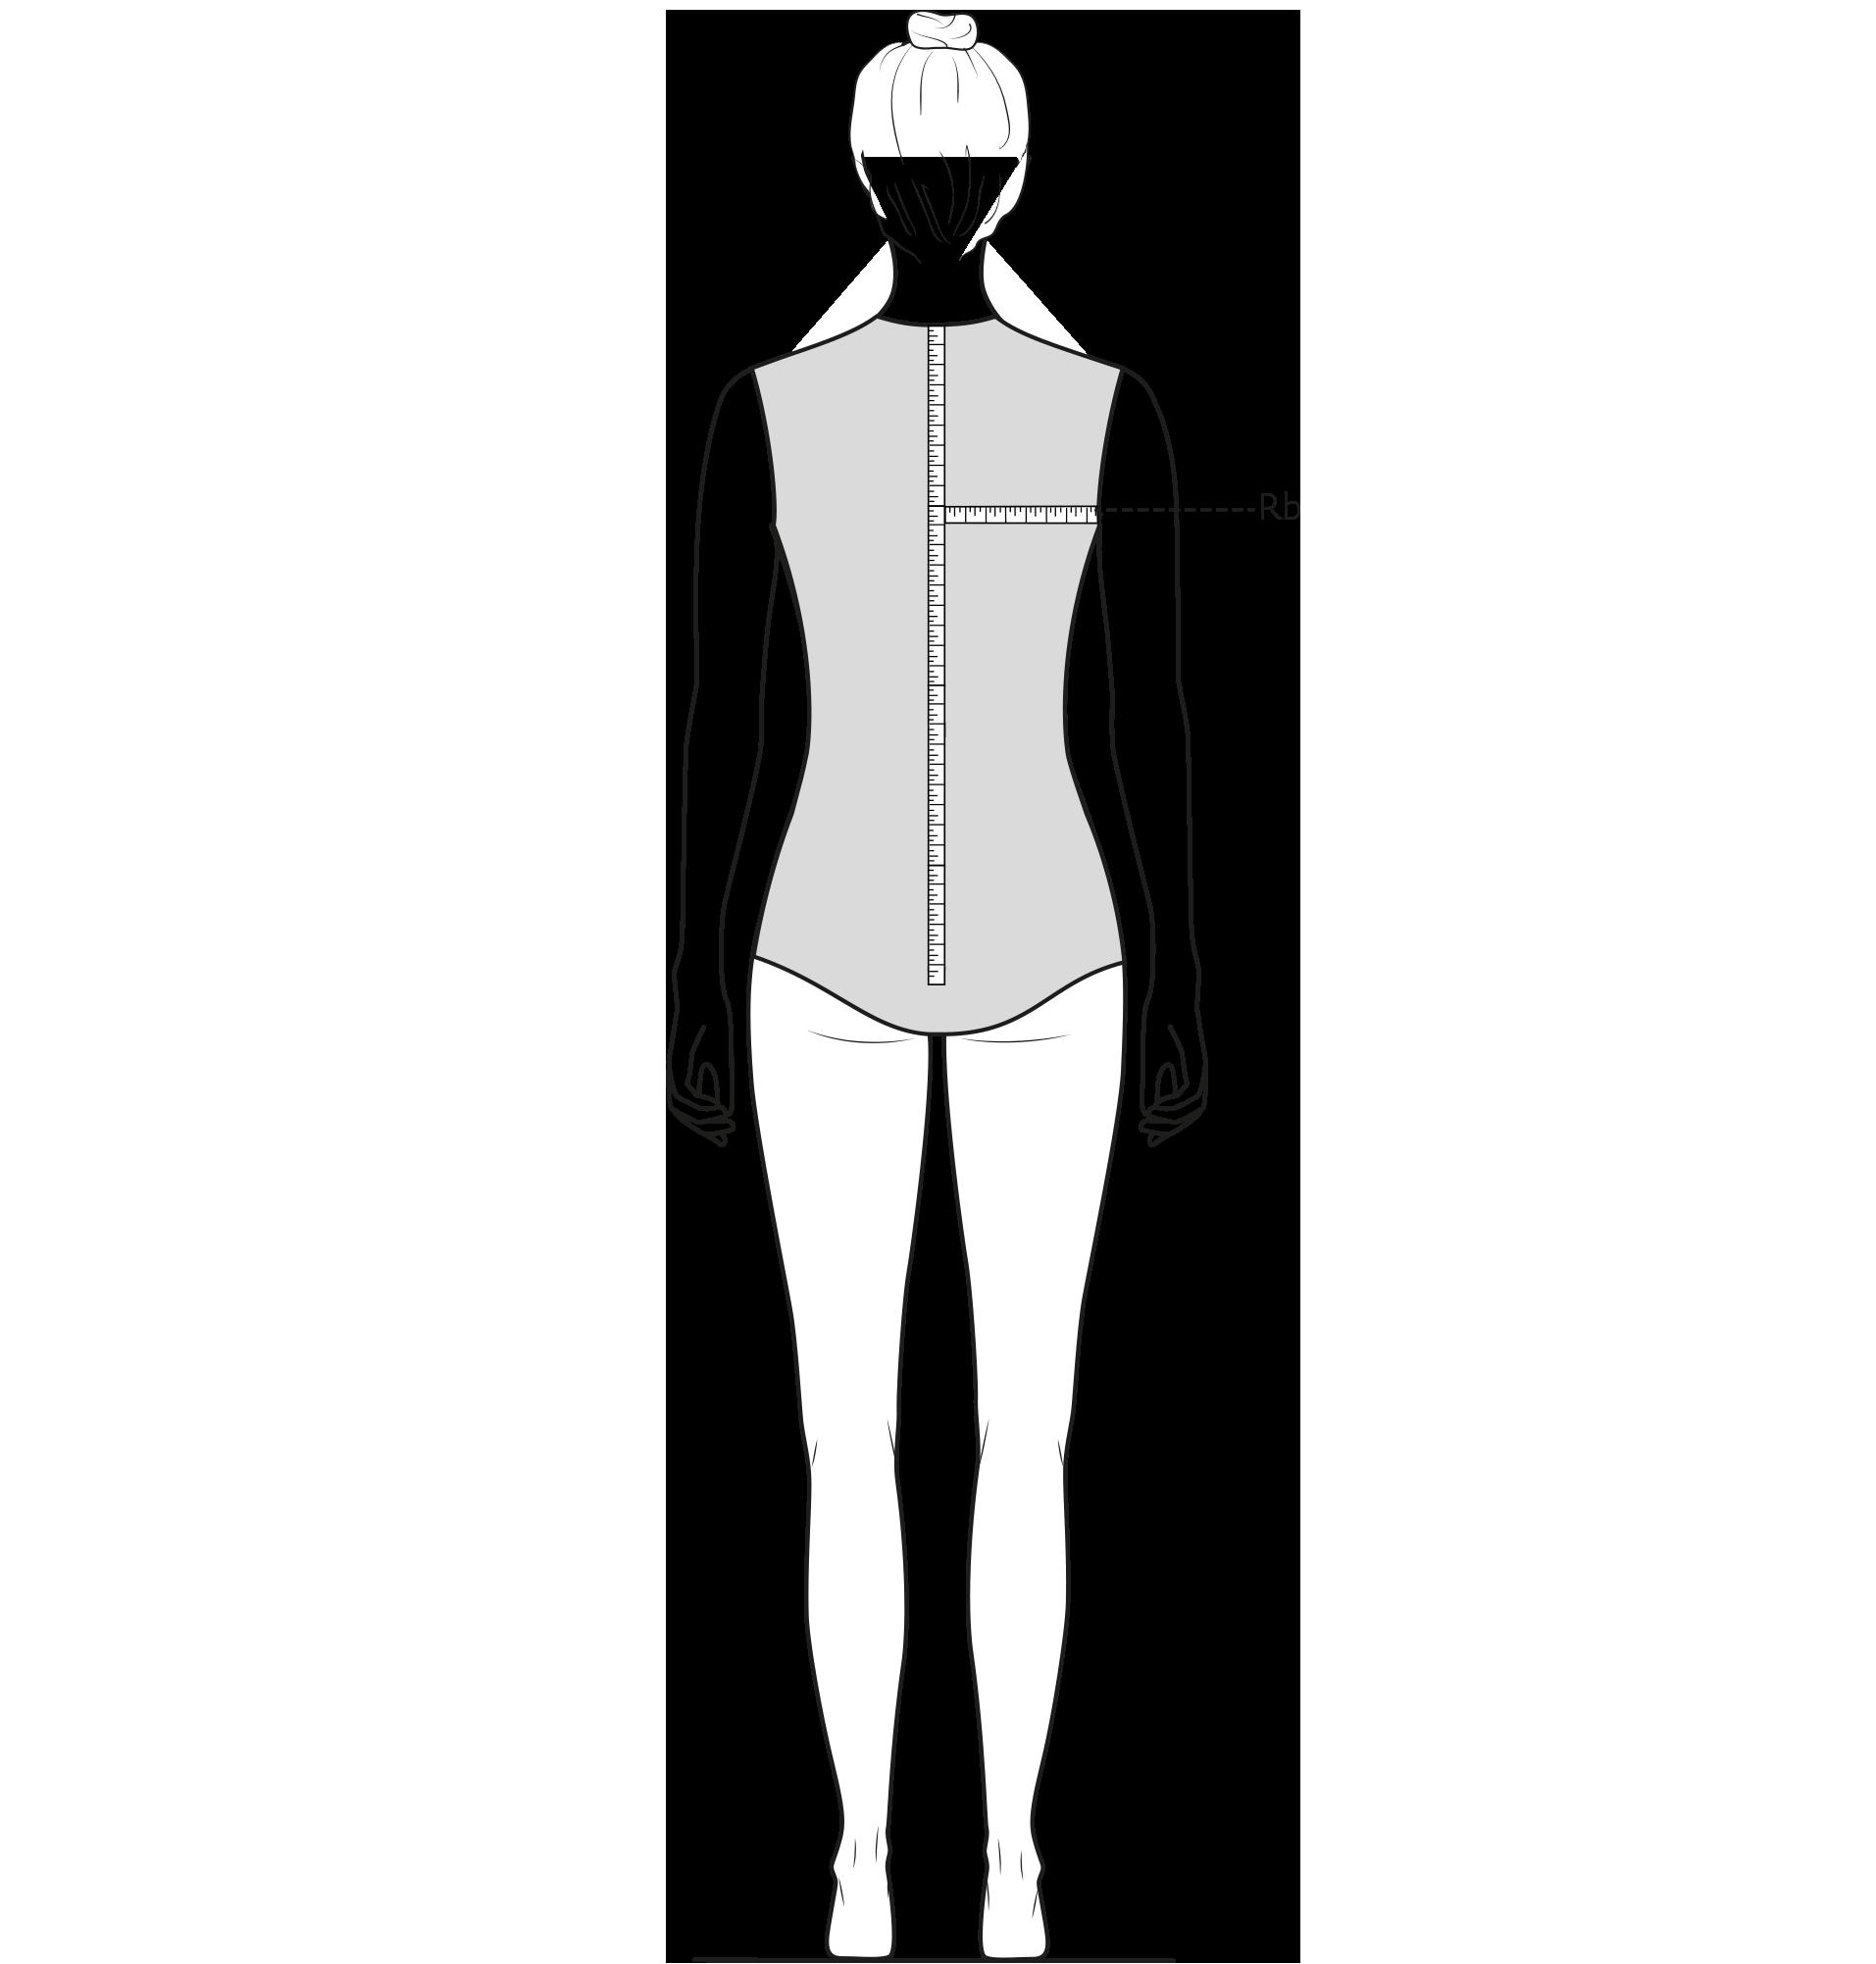 Diese Zeichnung zeigt das Messen der Rückenbreite.